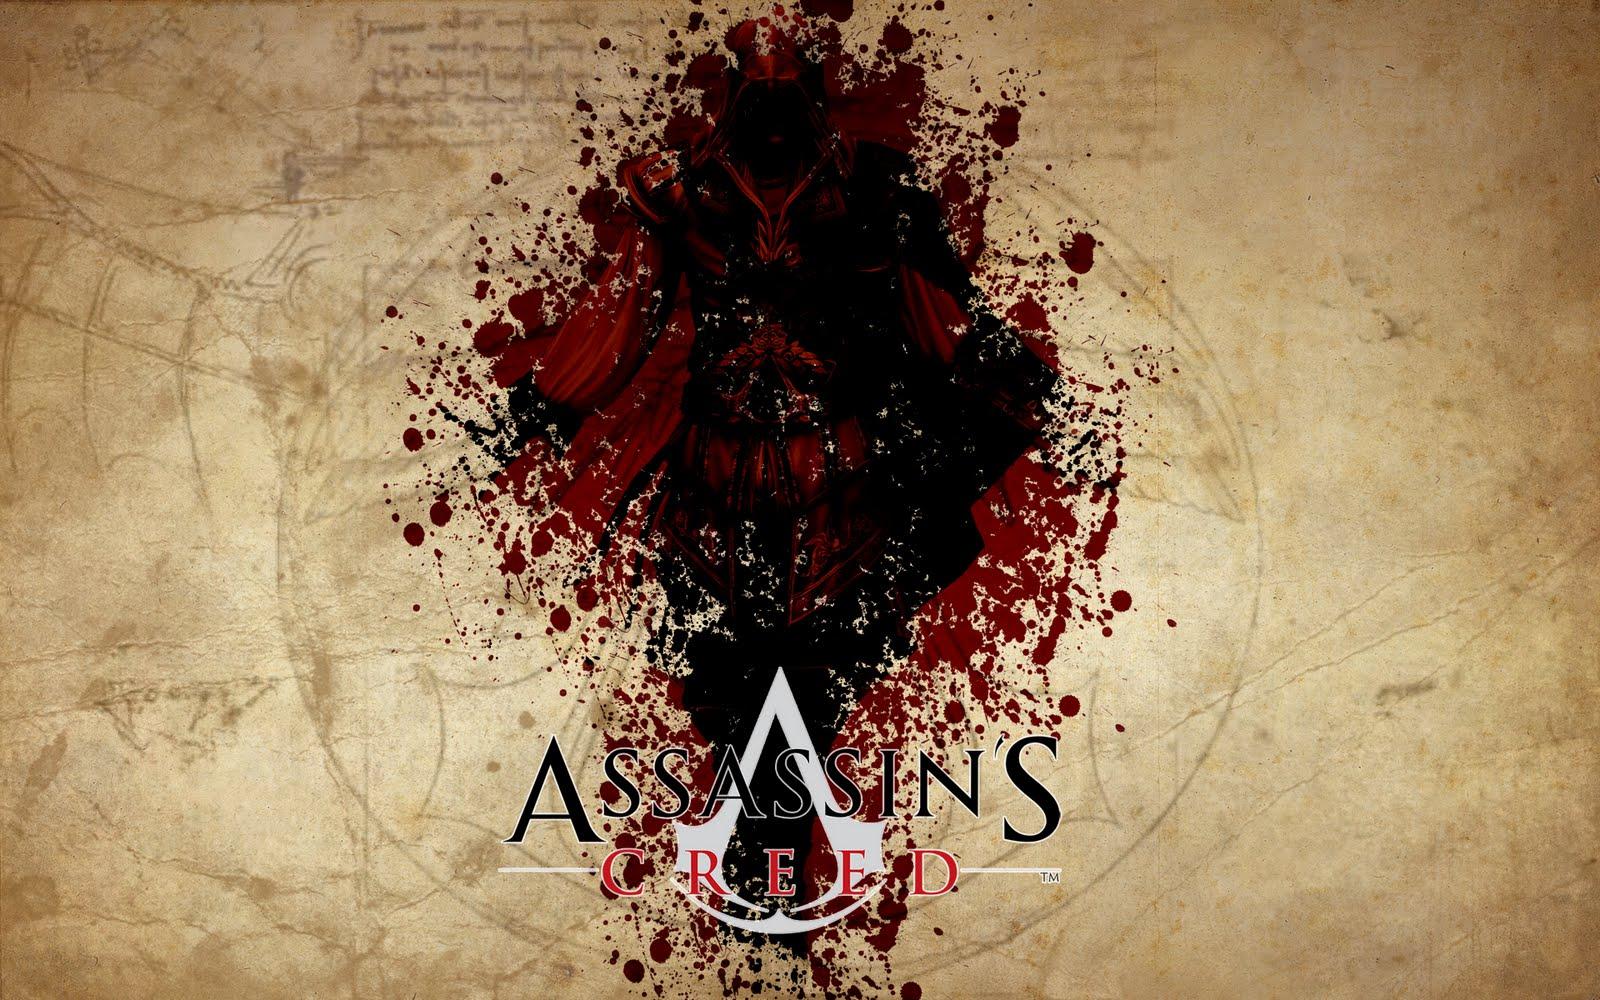 http://1.bp.blogspot.com/_j6hb7P0UBkc/TN8sfkE14KI/AAAAAAAAAEE/YsaA0trVstk/s1600/Assassins_Creed_2_Wallpaper_HD.jpg